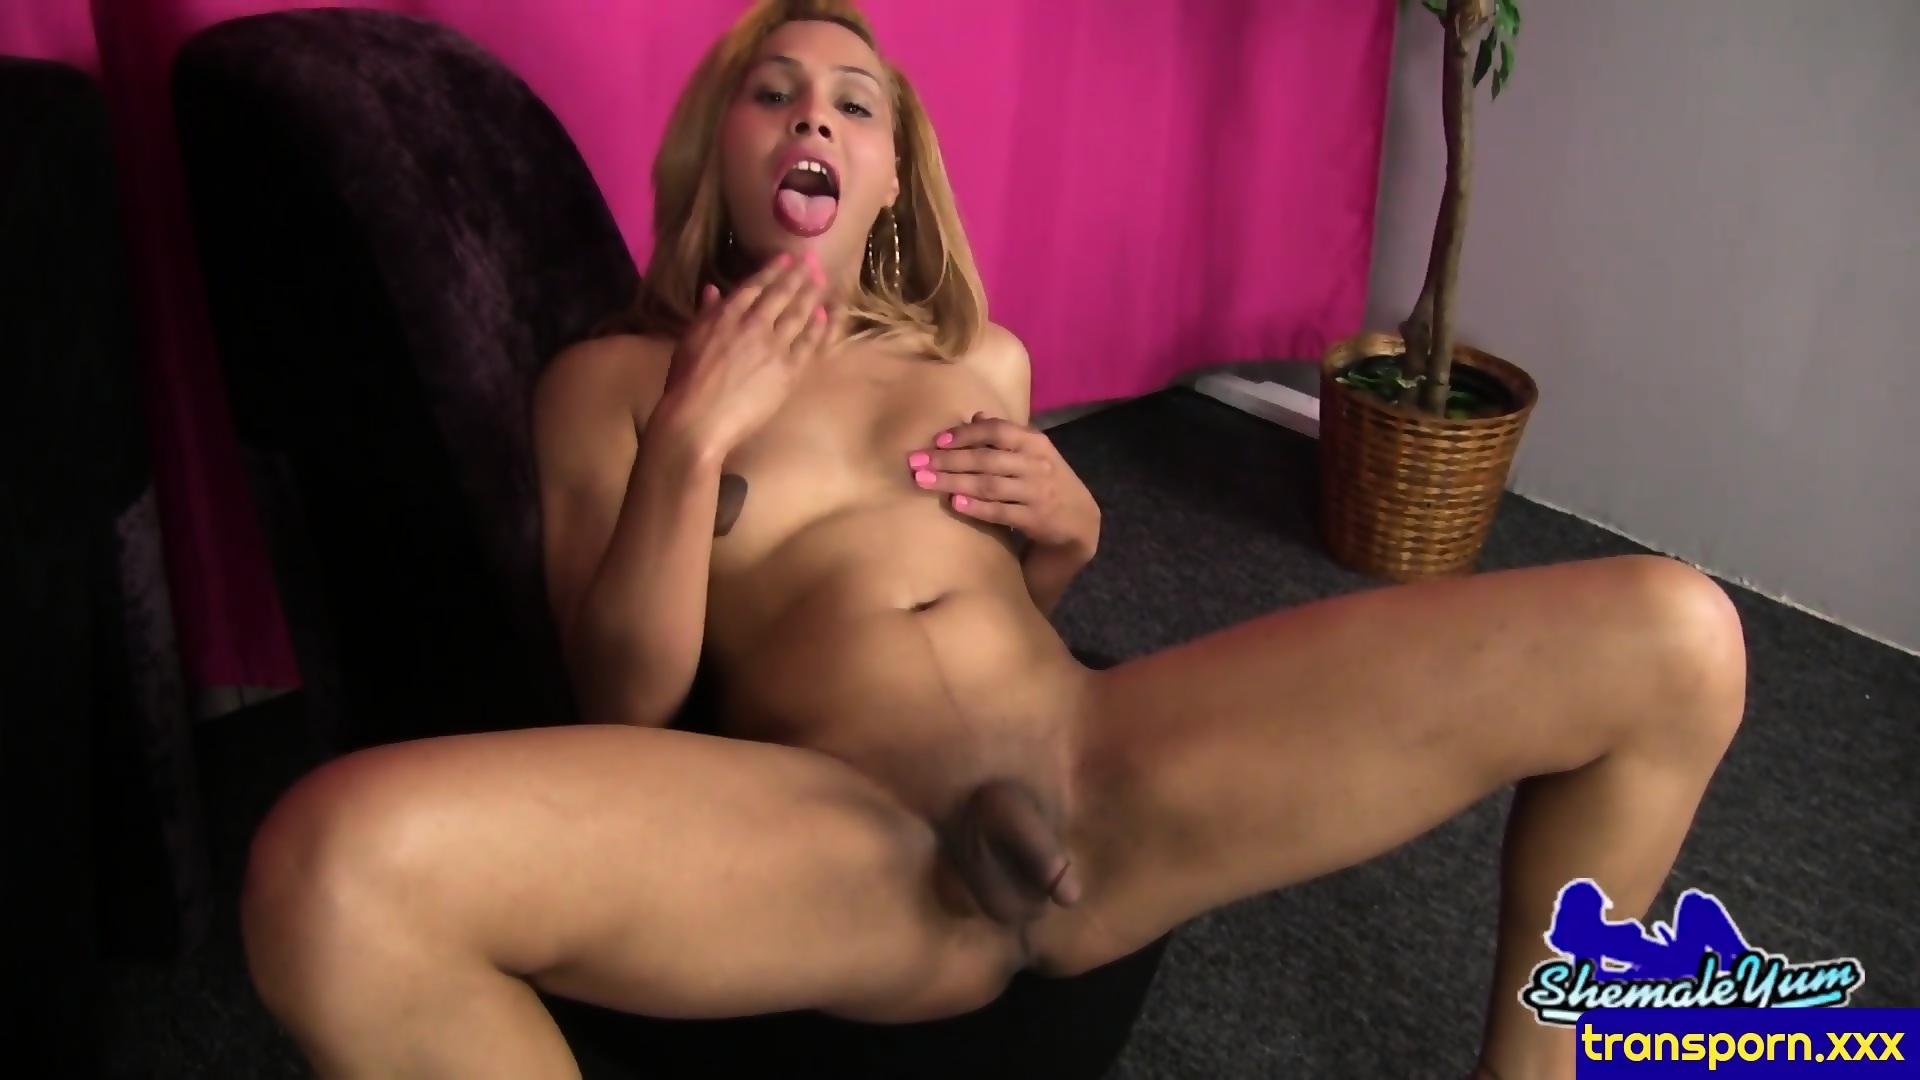 Latin Girl with Big Boobs